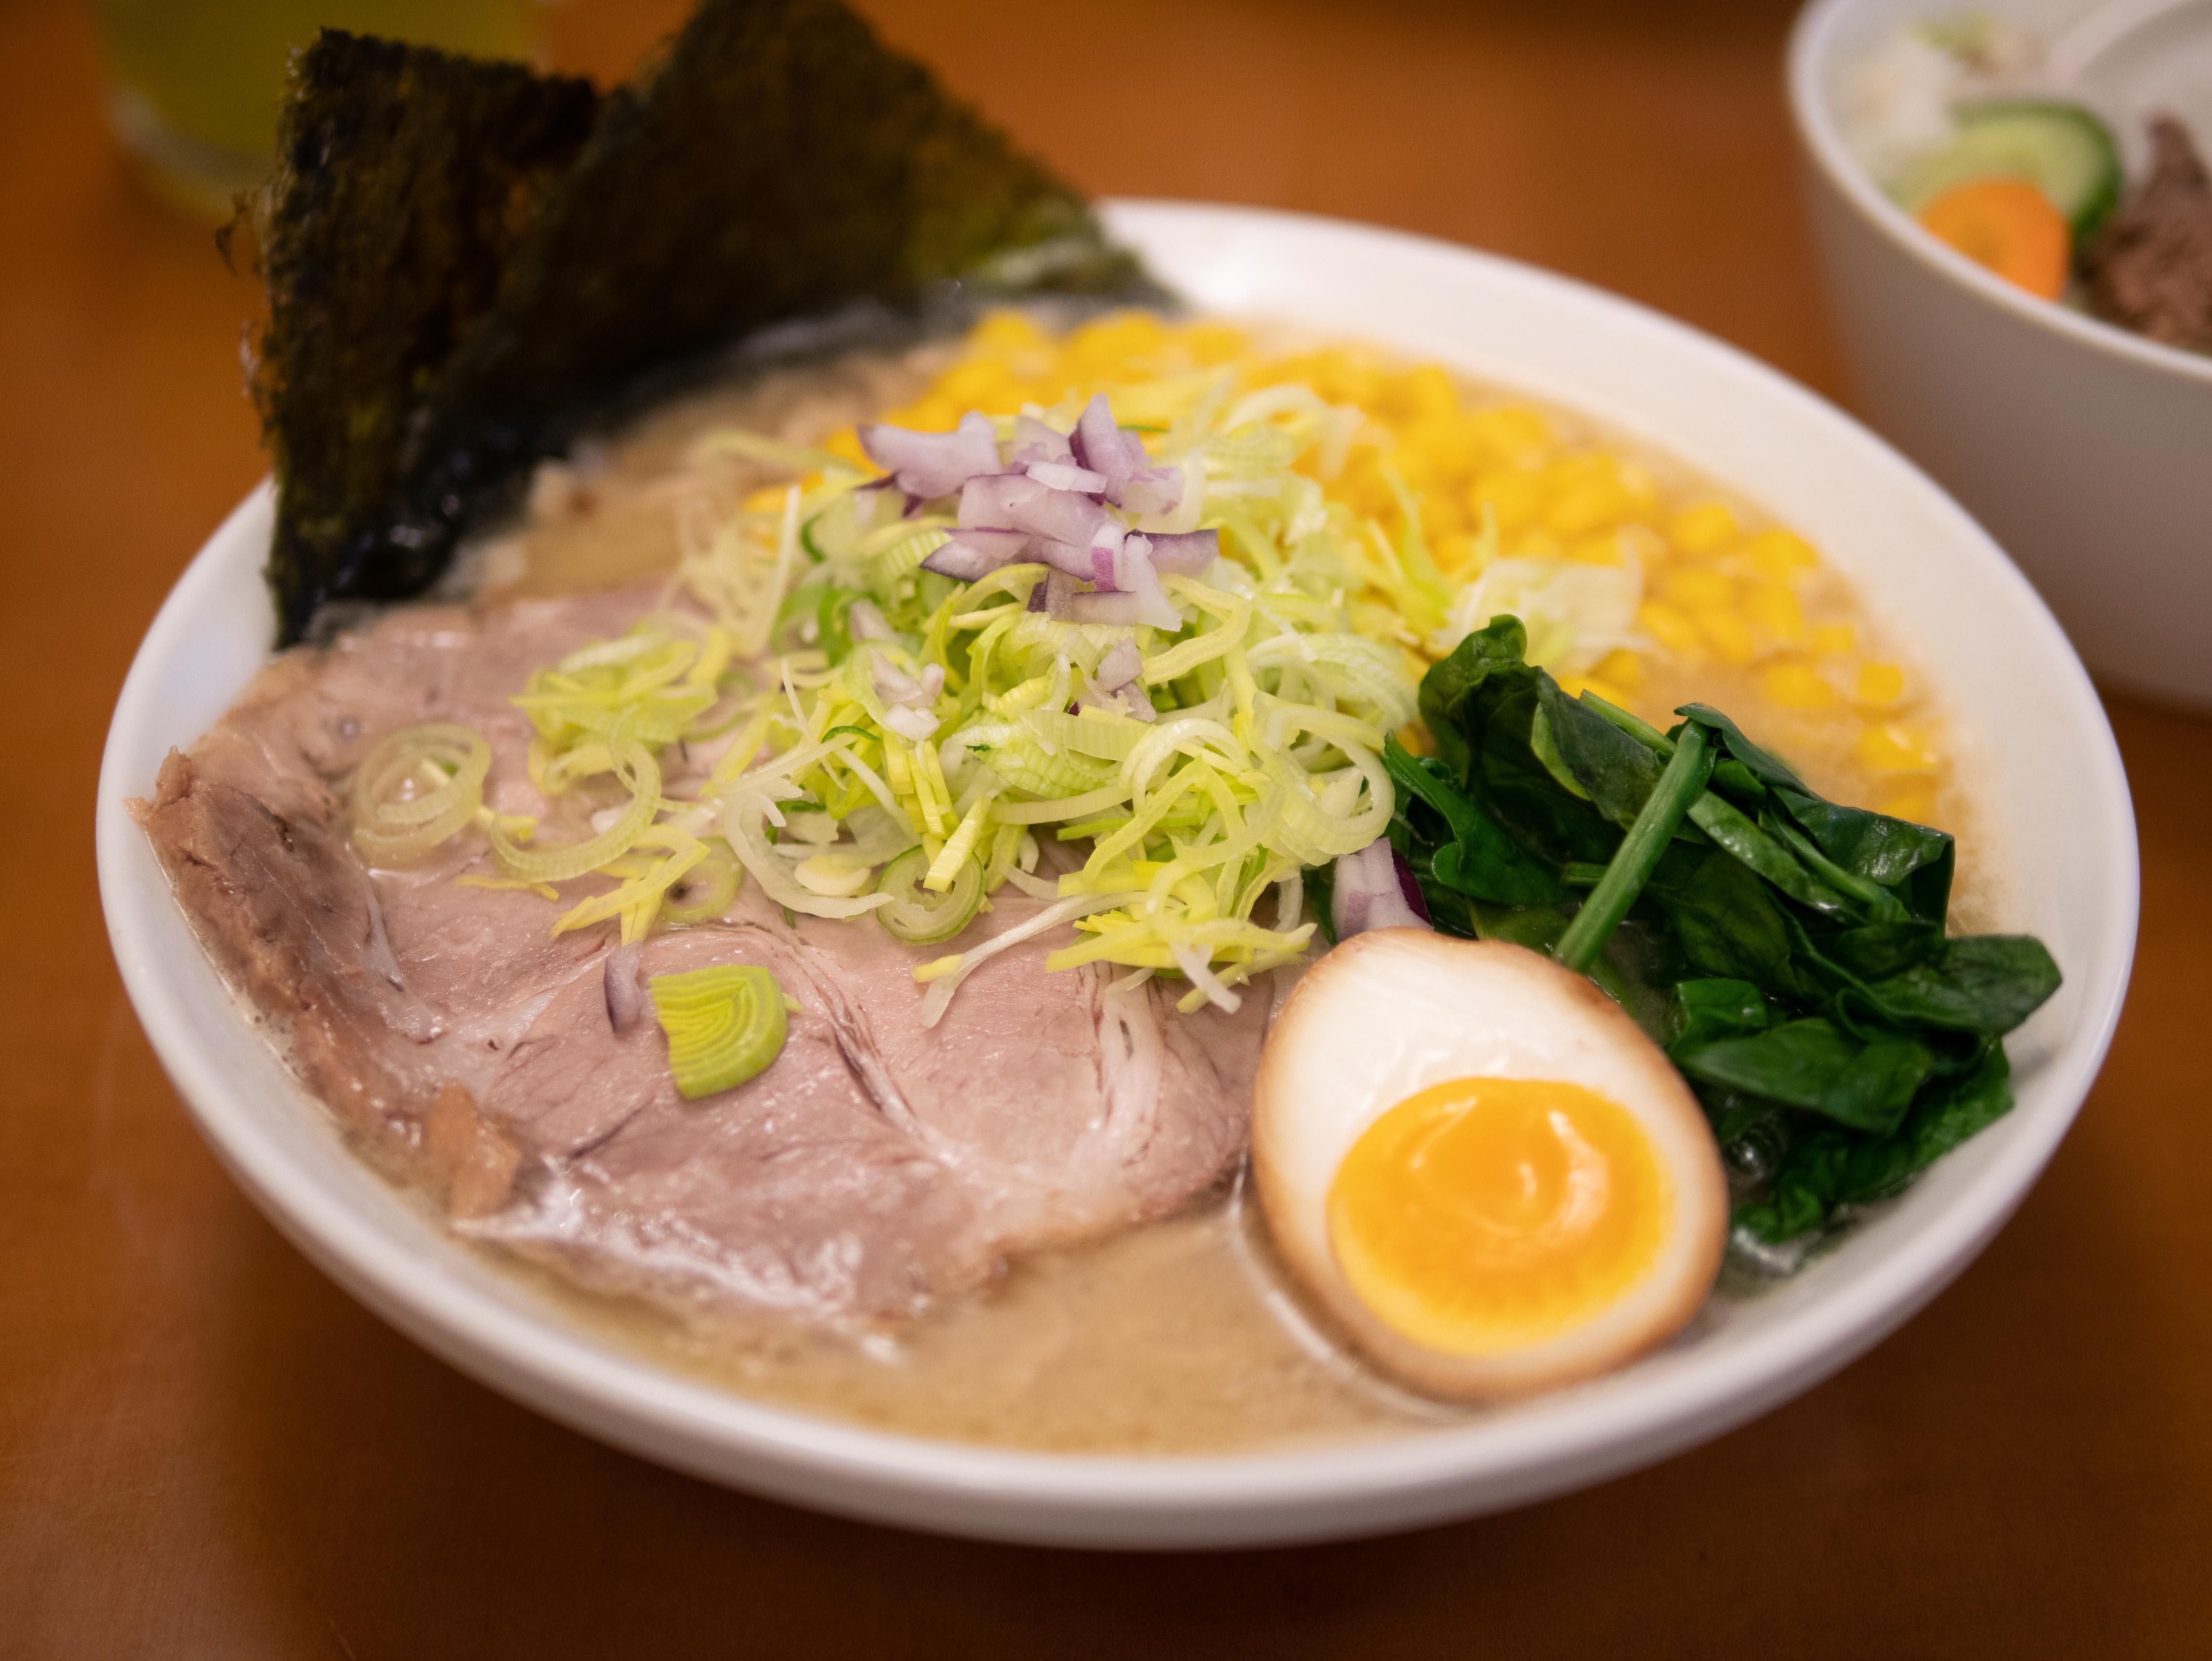 [네덜란드, 스키담 맛집, 일본라멘] 나만 알고싶은 라멘집, 요코하마 라멘 사이토